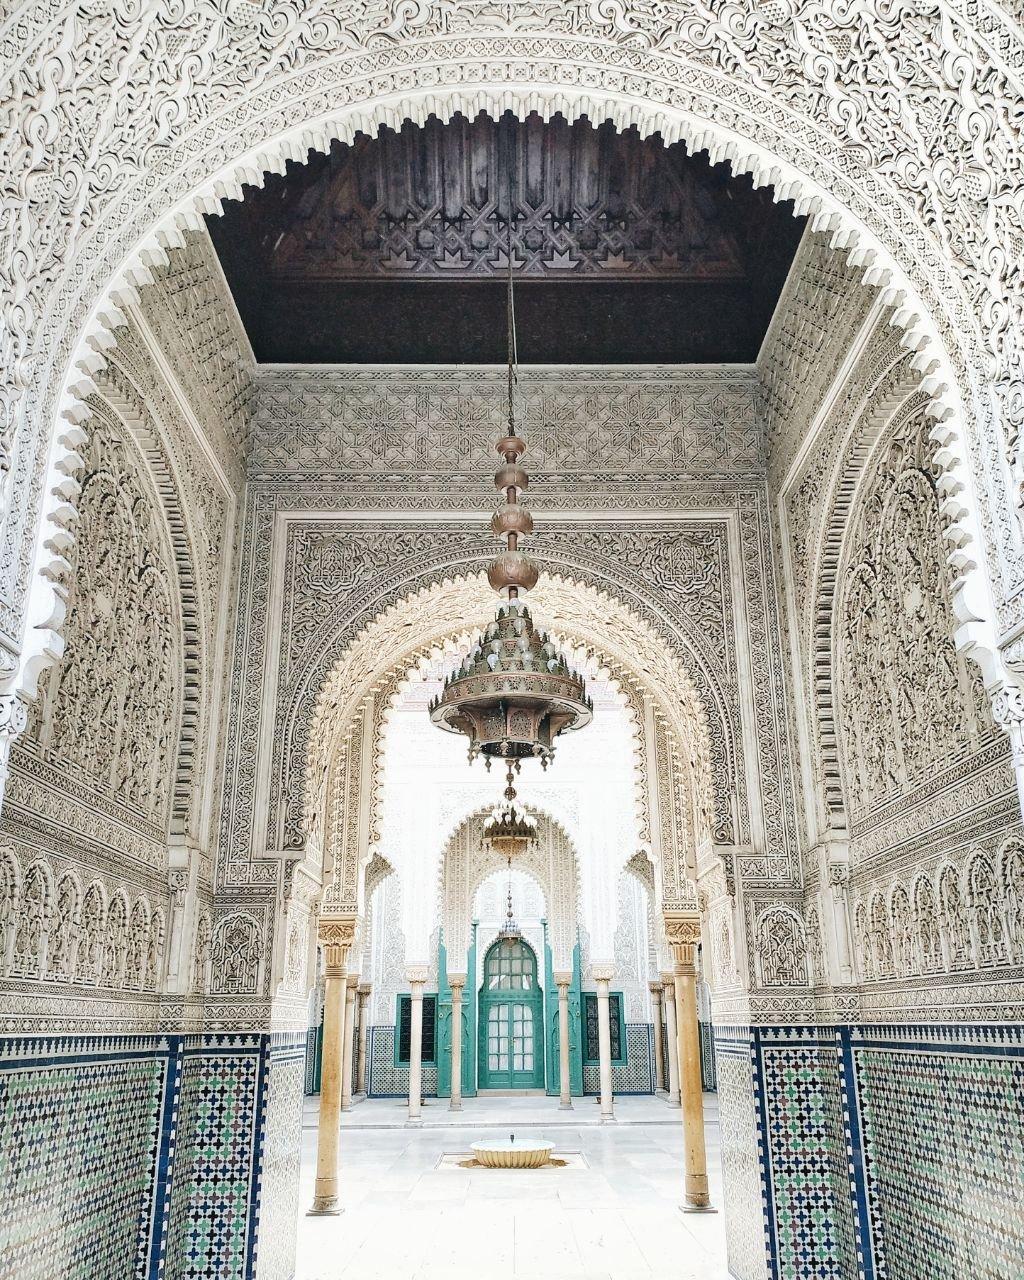 Город роз, персидские дворцы и Медина. Как харьковчанка провела две недели в Иране и Марокко, - ФОТО, фото-18